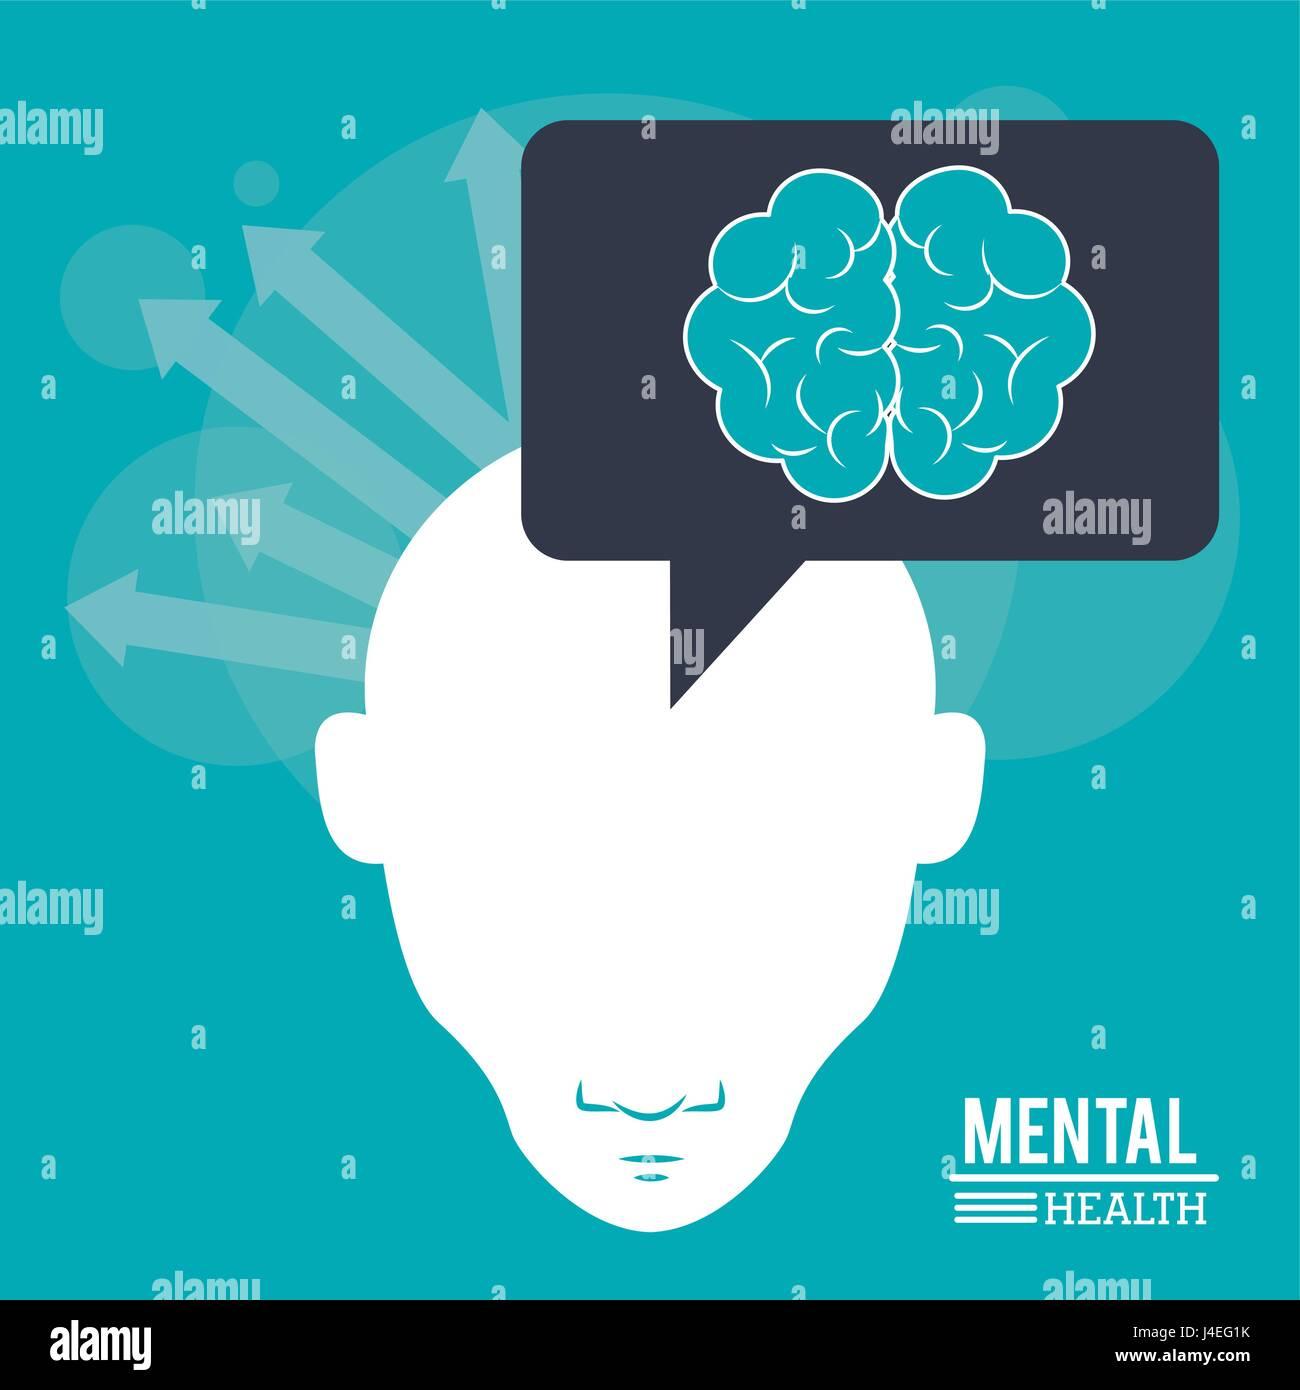 La salute mentale, a testa umana con frecce del cervello pensando immagine Immagini Stock